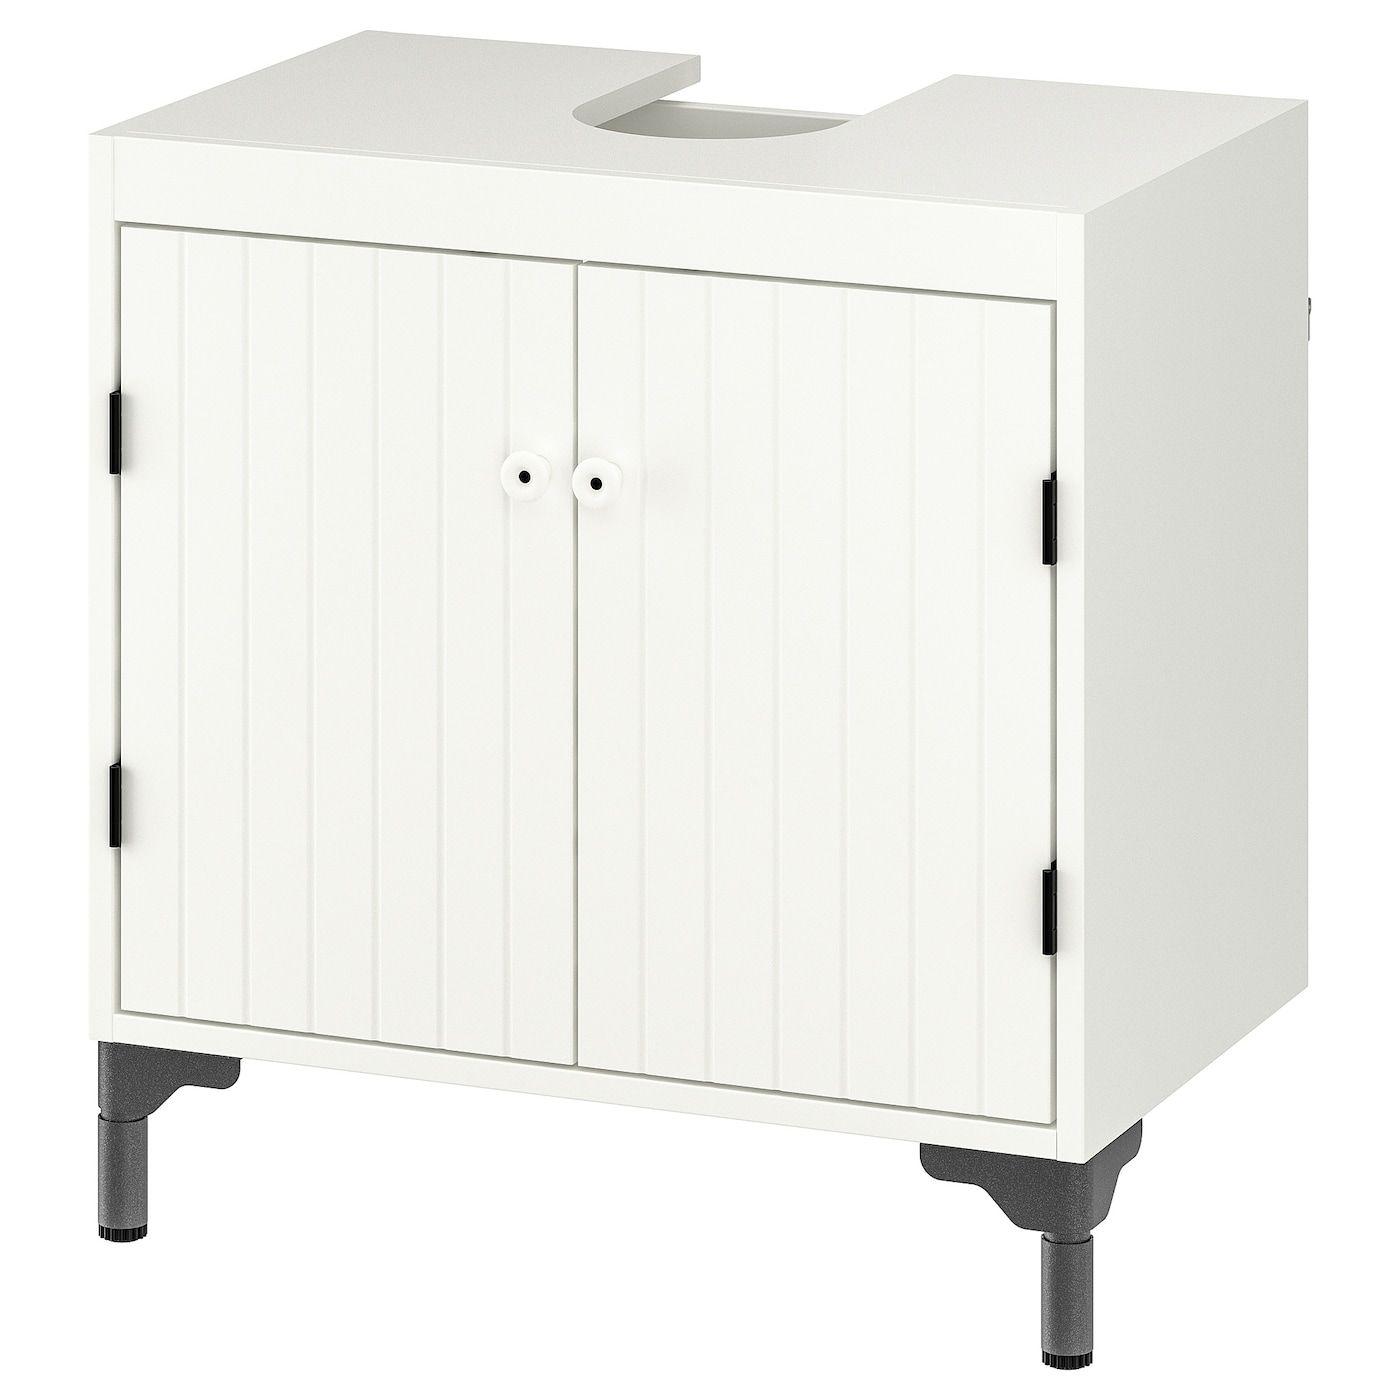 Silveran Wash Basin Base Cabinet W 2 Doors White 60x38x63 Cm In 2020 Waschbeckenunterschrank Badezimmer Unterschrank Unterschrank